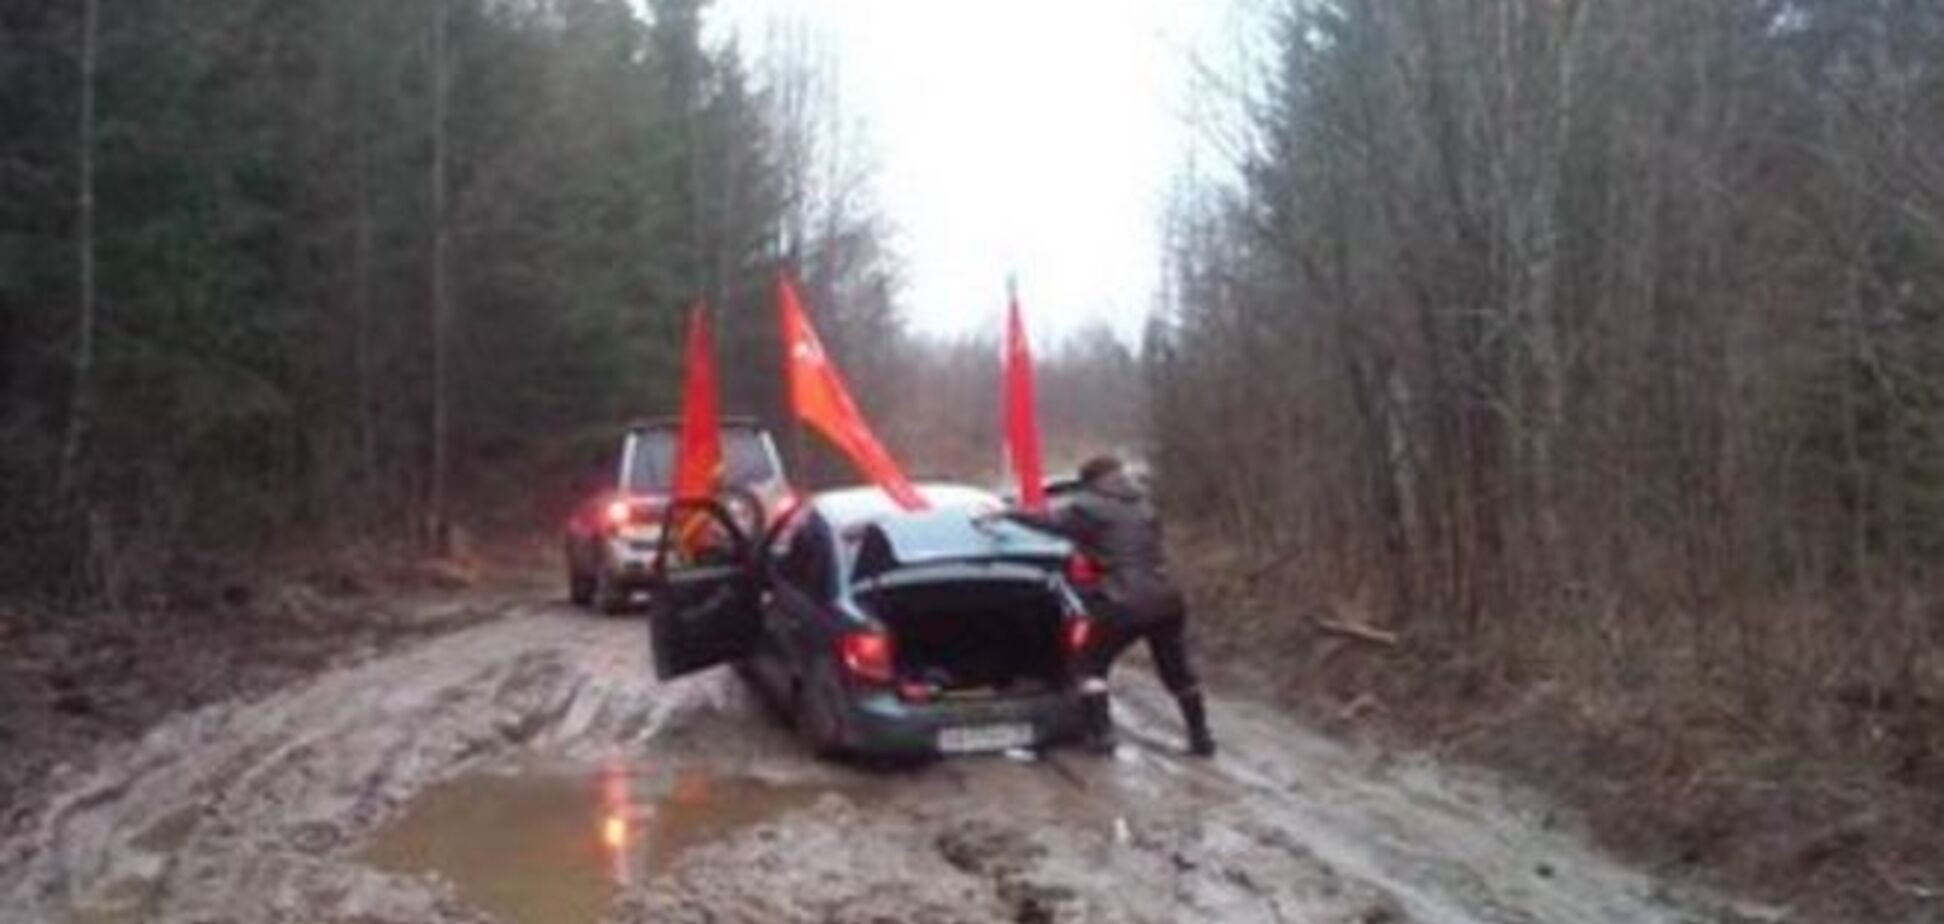 В России патриотический автопробег застрял в грязи. Фотофакт